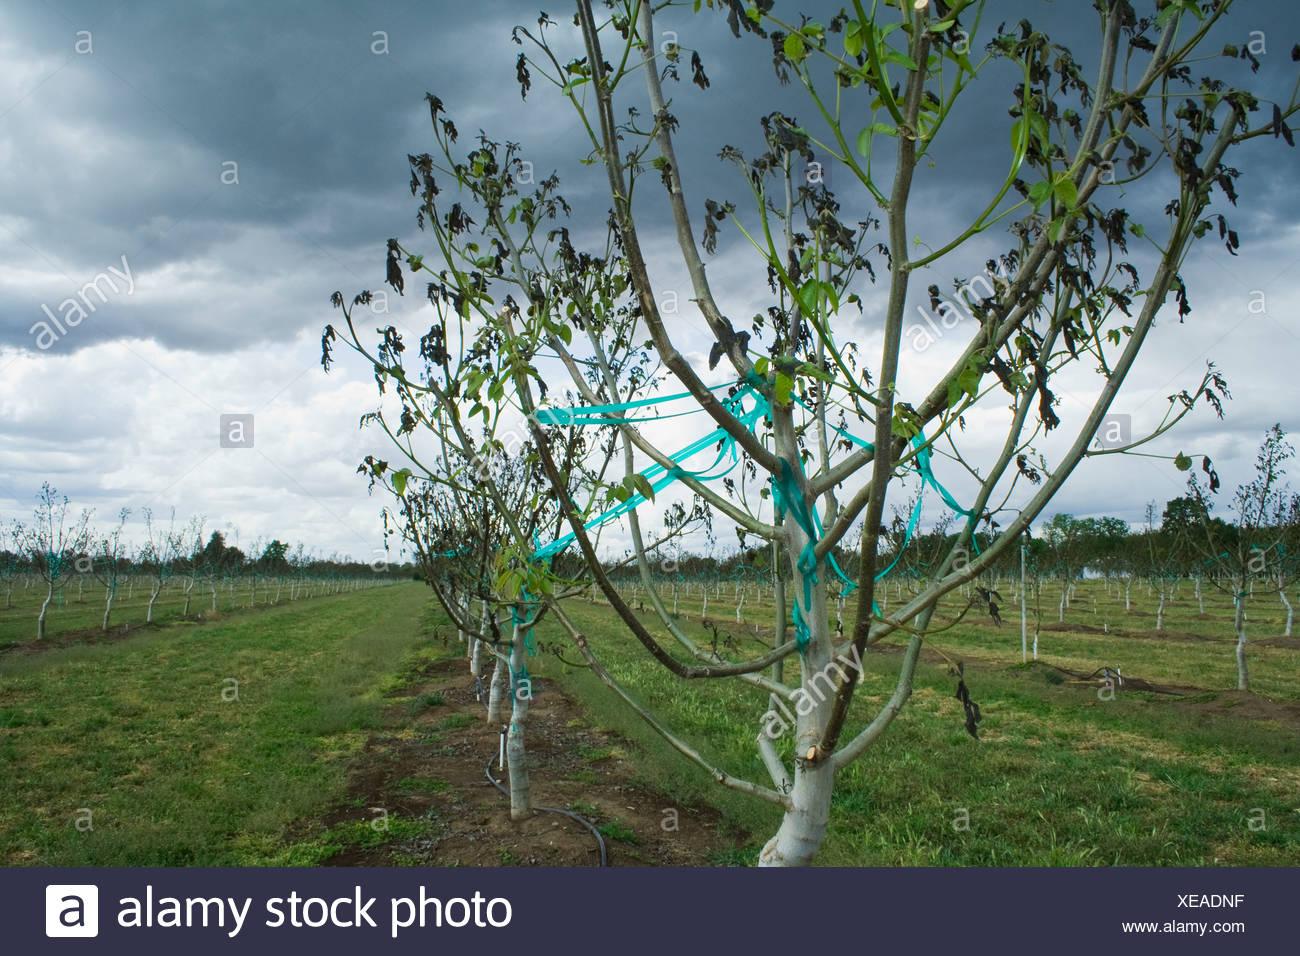 Agriculture - Les dégâts causés par le noyer un lourd gel printemps inhabituel / près de Dairyville, California, USA. Banque D'Images